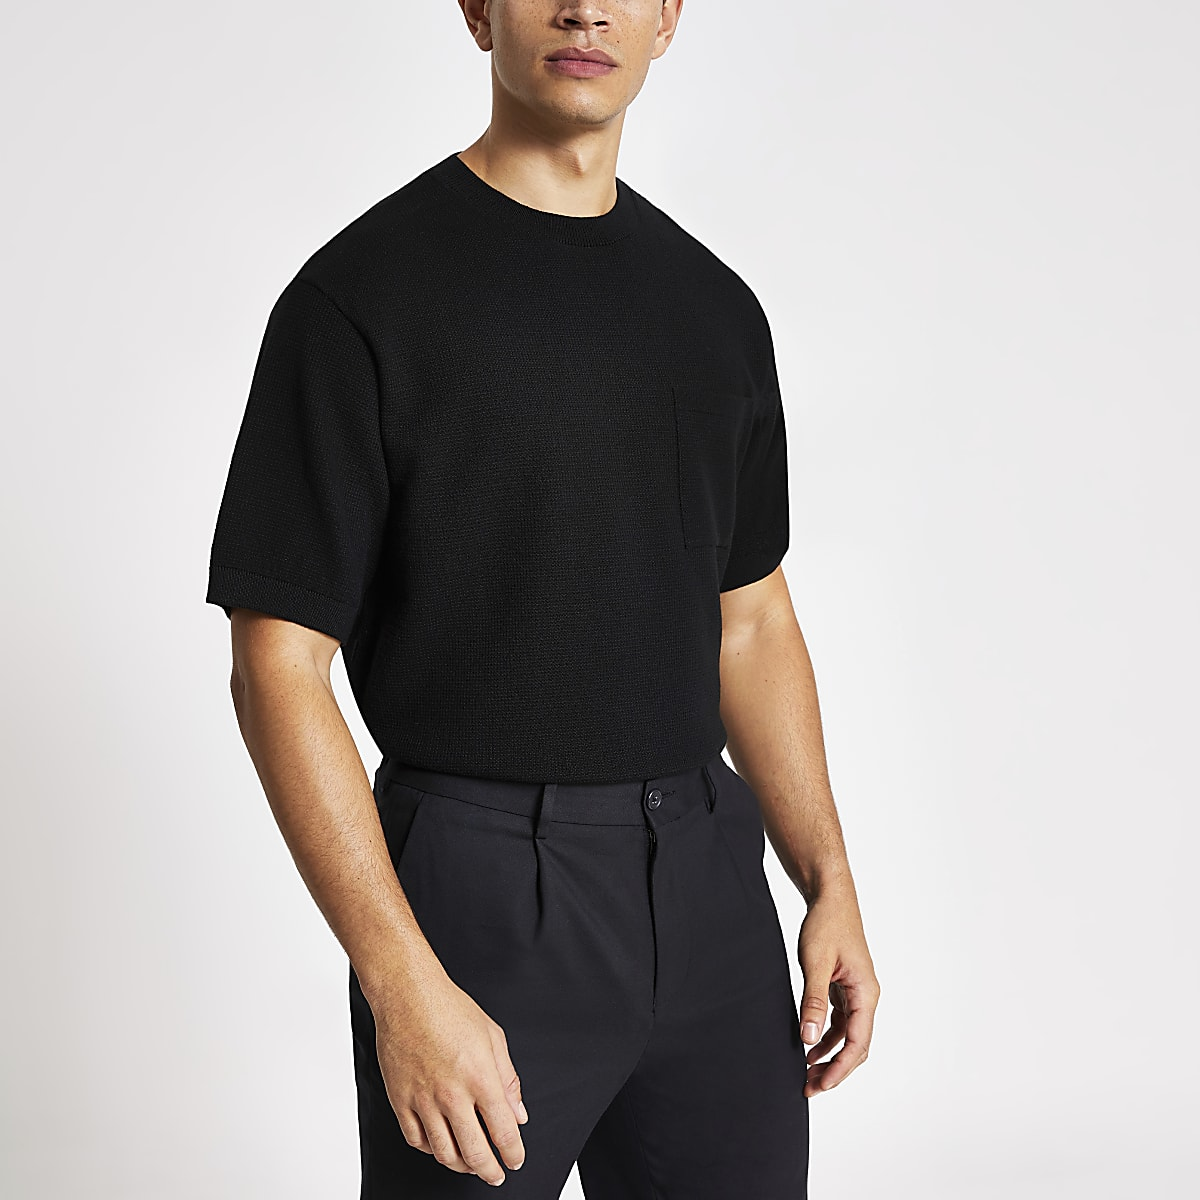 Black oversized short sleeve knitted T-shirt